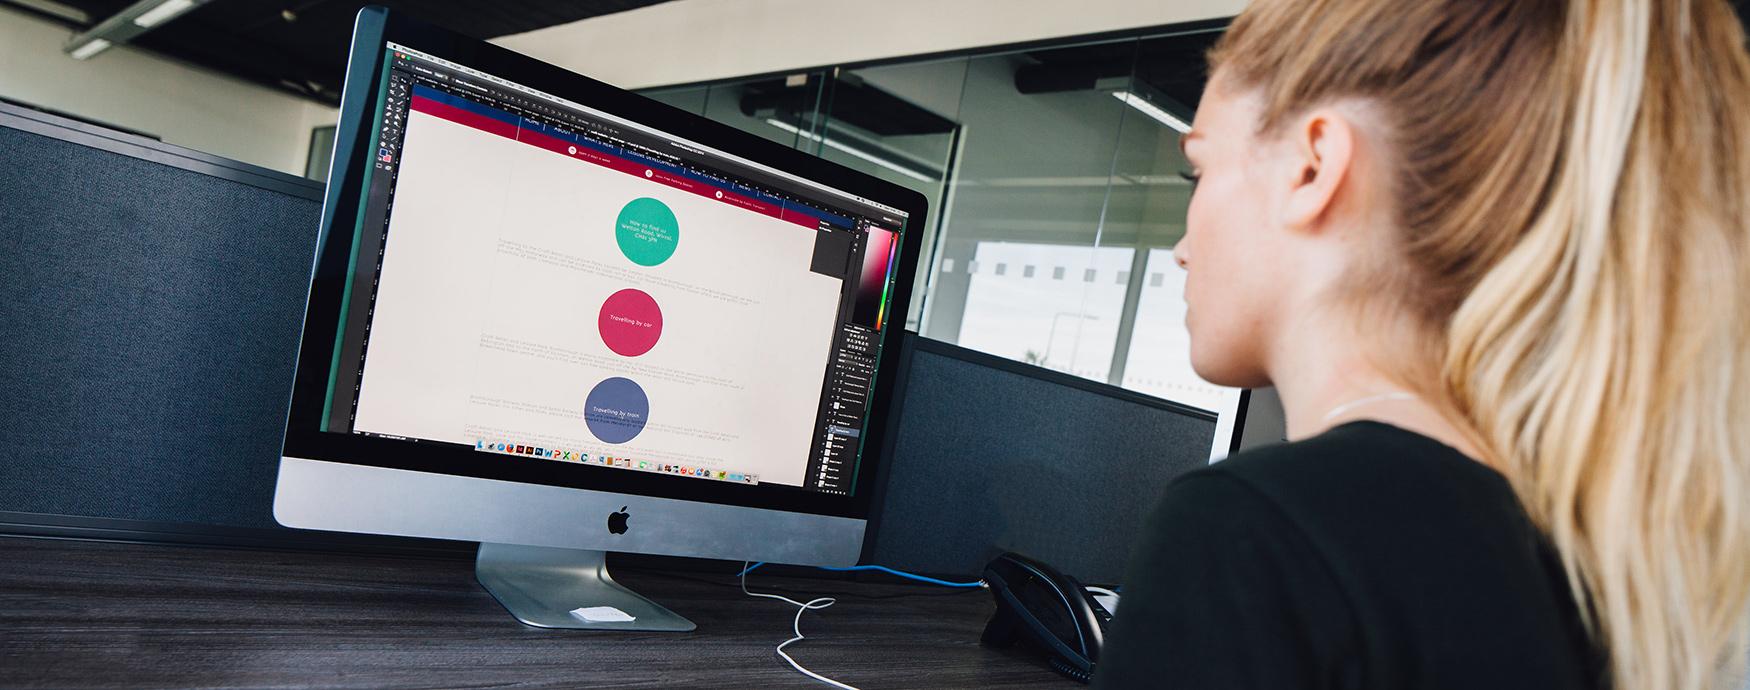 Mercury Retail - Graphic Design Service